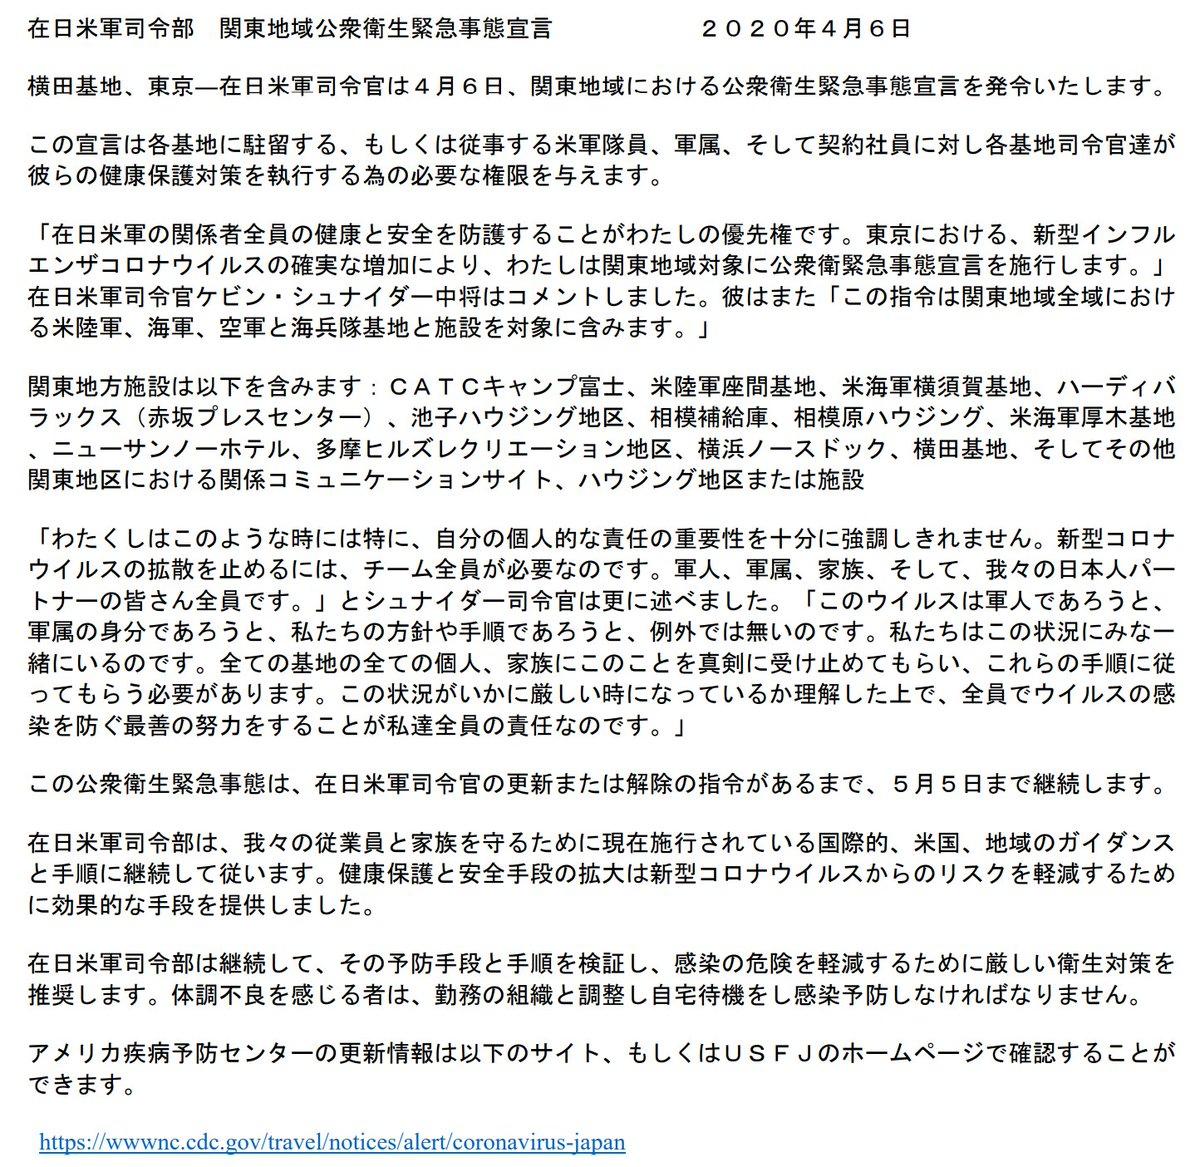 在日米軍司令官は4月6日、関東地域における公衆衛生緊急事態宣言を発令いたします。